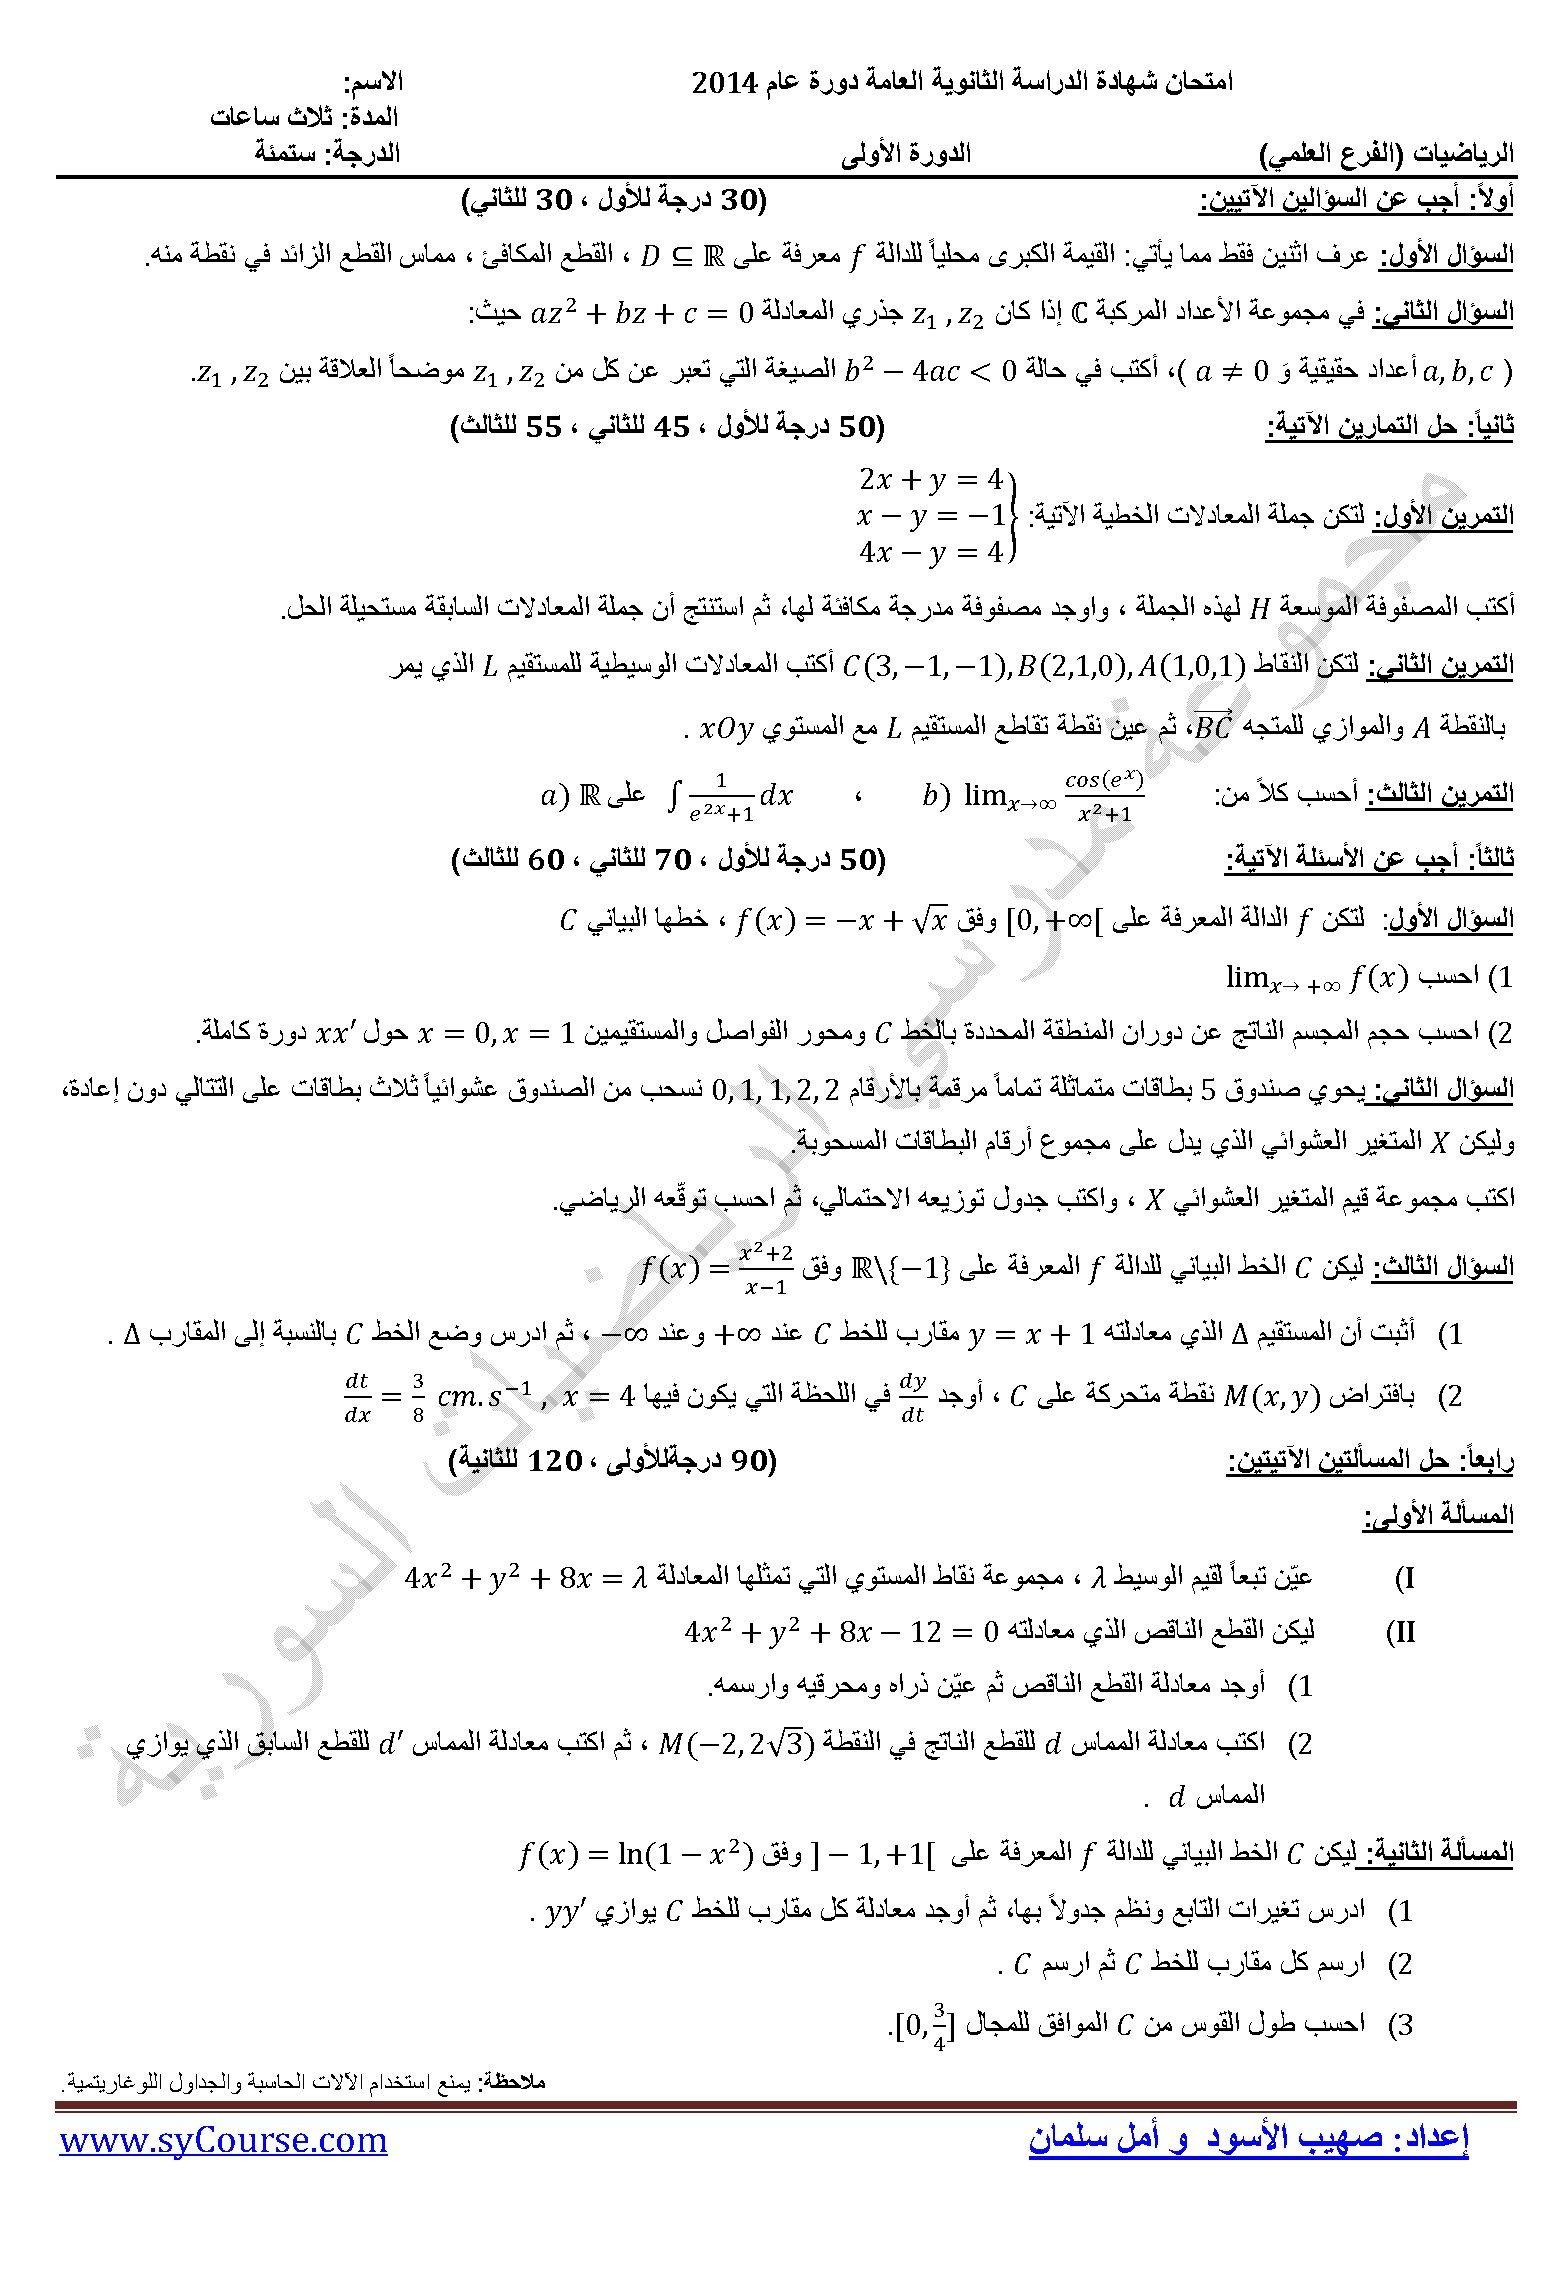 أسئلة الرياضيات للصف الثالث الثانوي العلمي دورة  2014 المنهاج السوري original.jpg